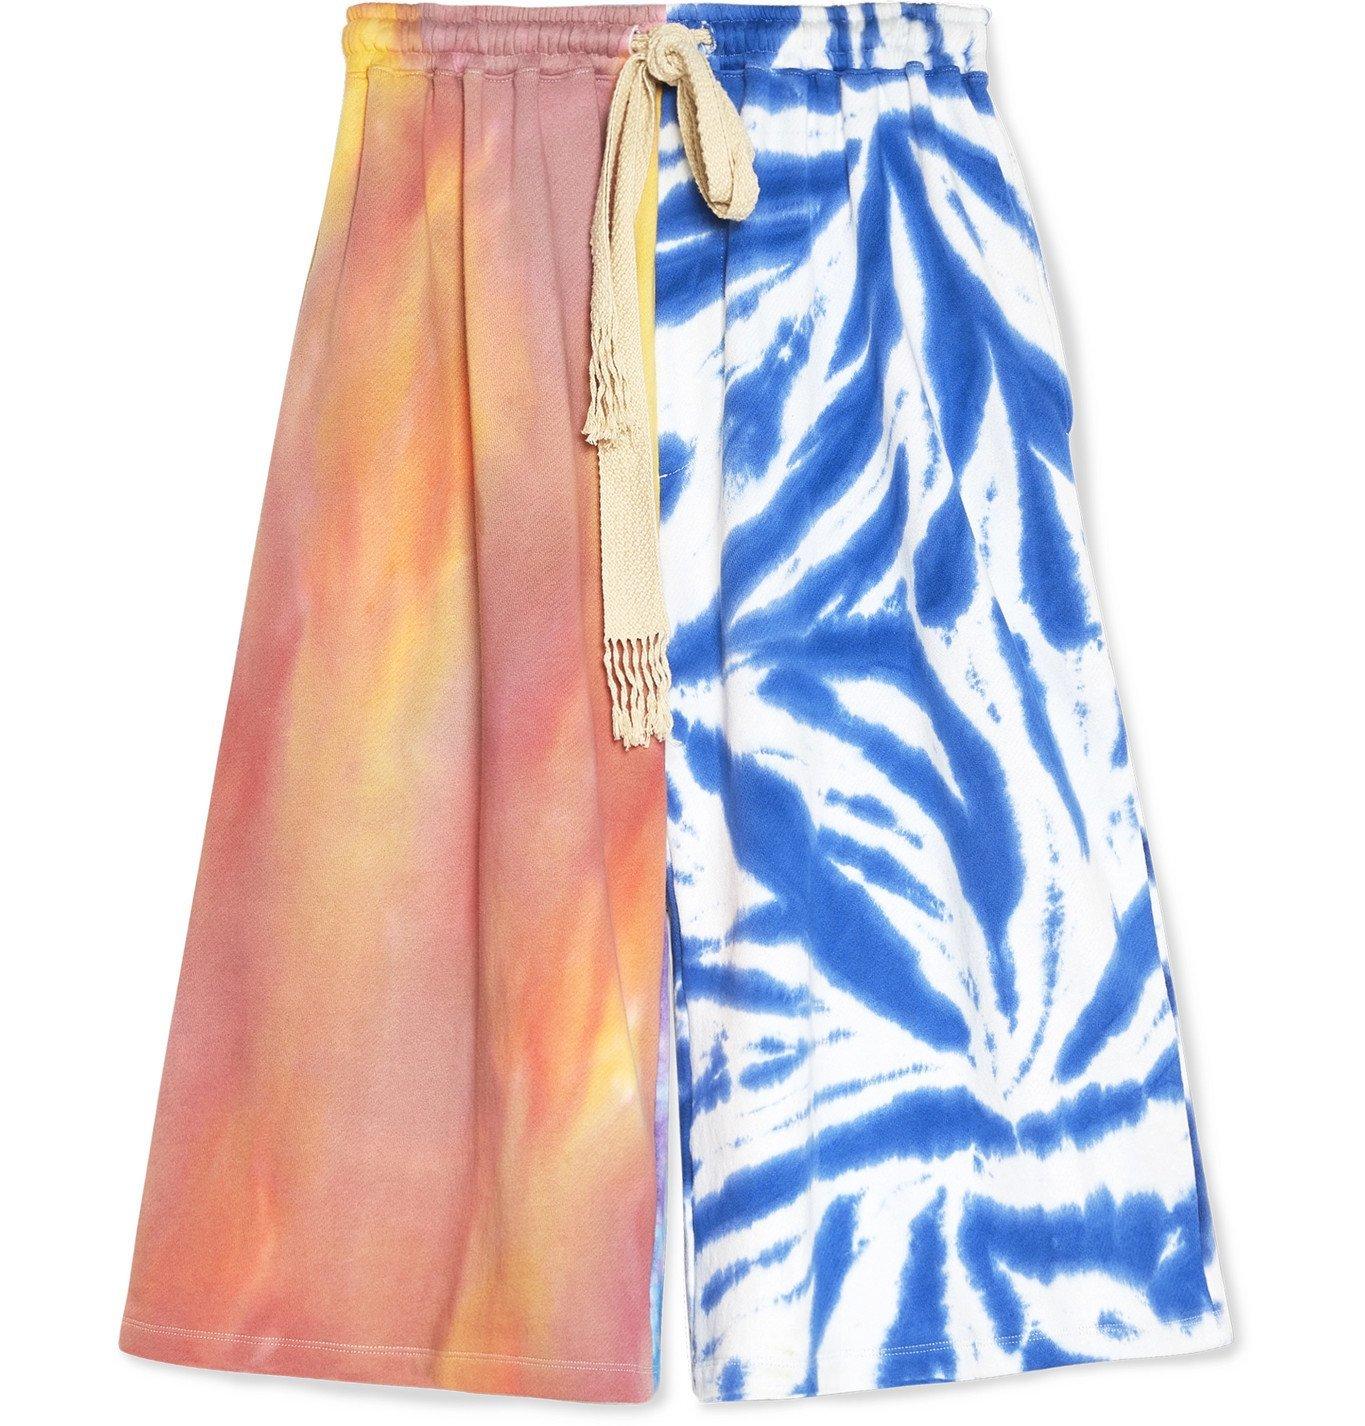 Photo: Loewe - Paula's Ibiza Tie-Dyed Cotton Drawstring Shorts - Blue